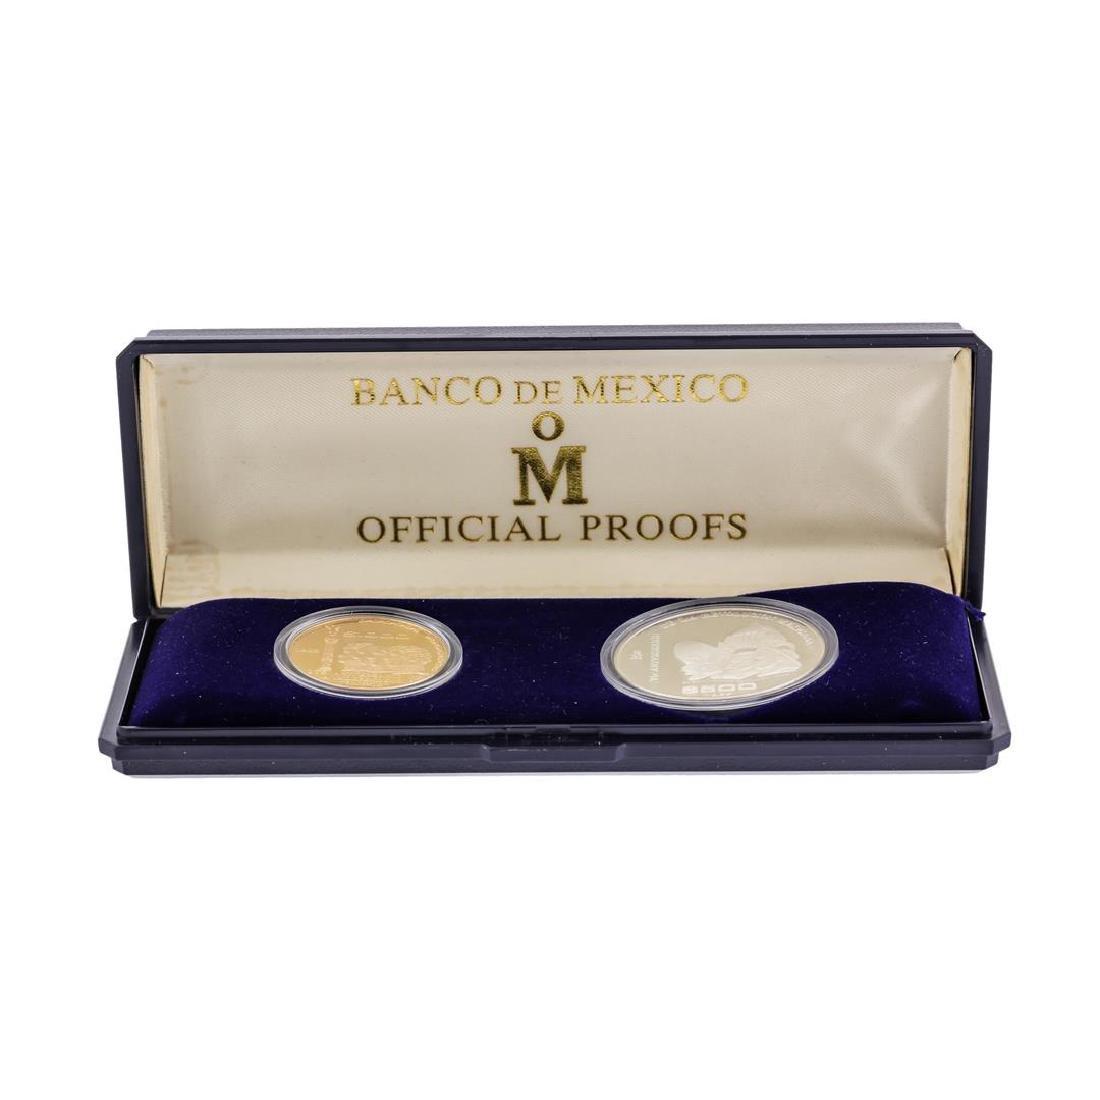 1985 Banco de Mexico Gold & Silver Proof (2) Coin Set - 4